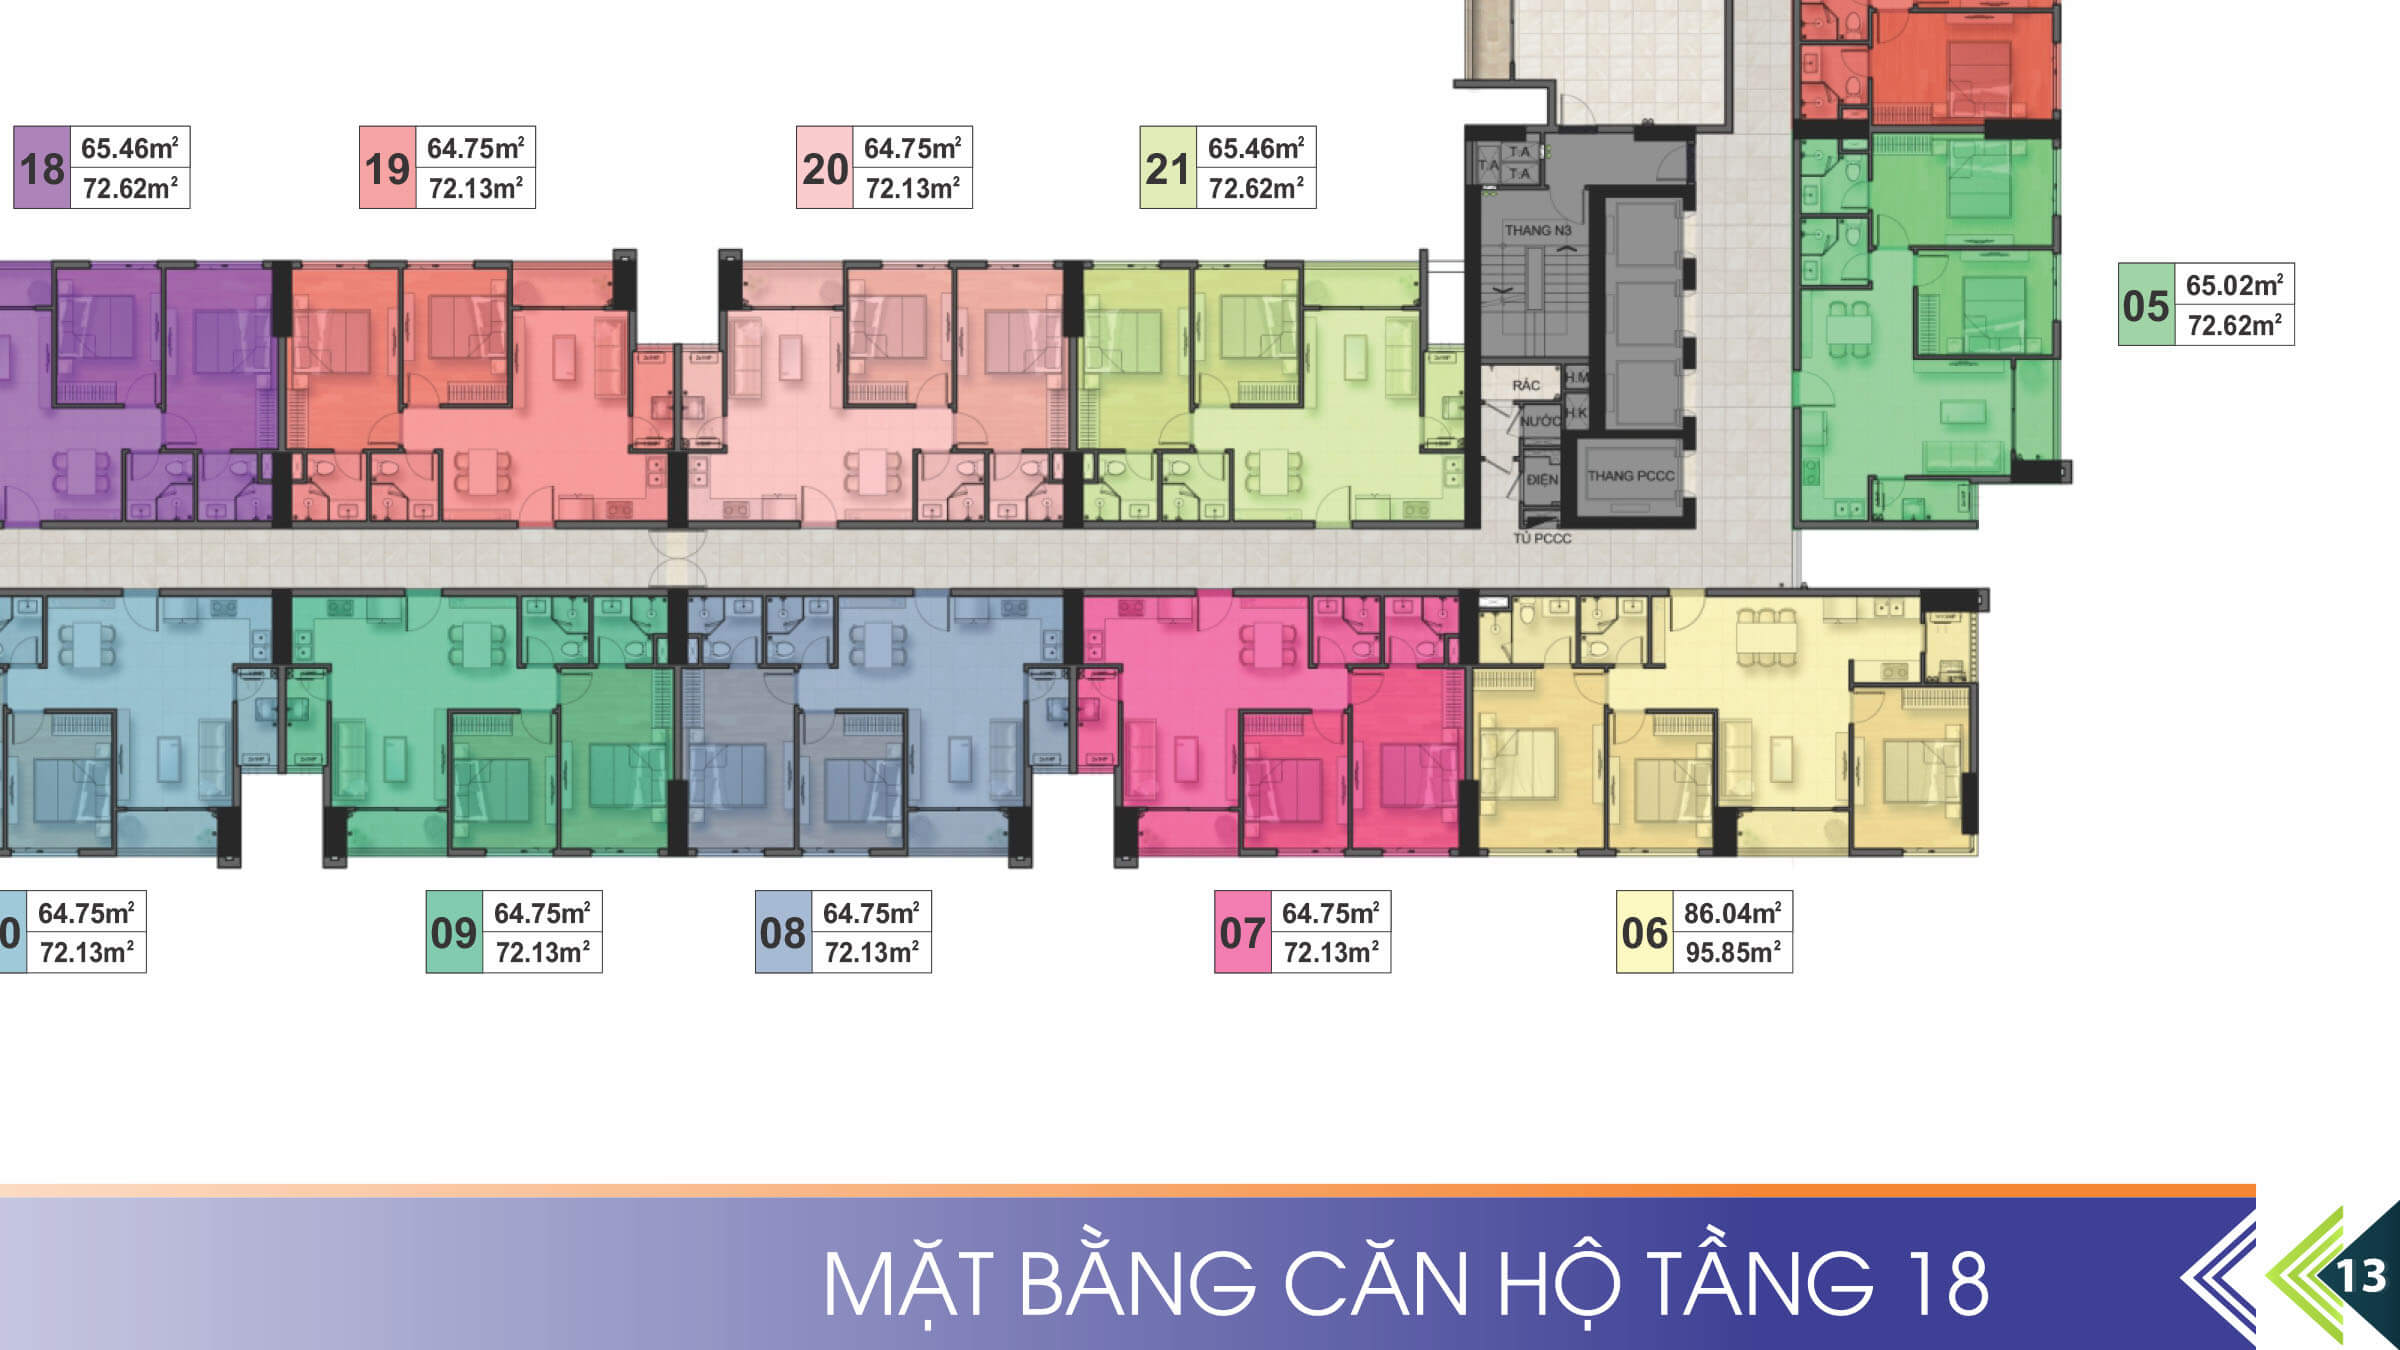 mat bang can ho tang 18